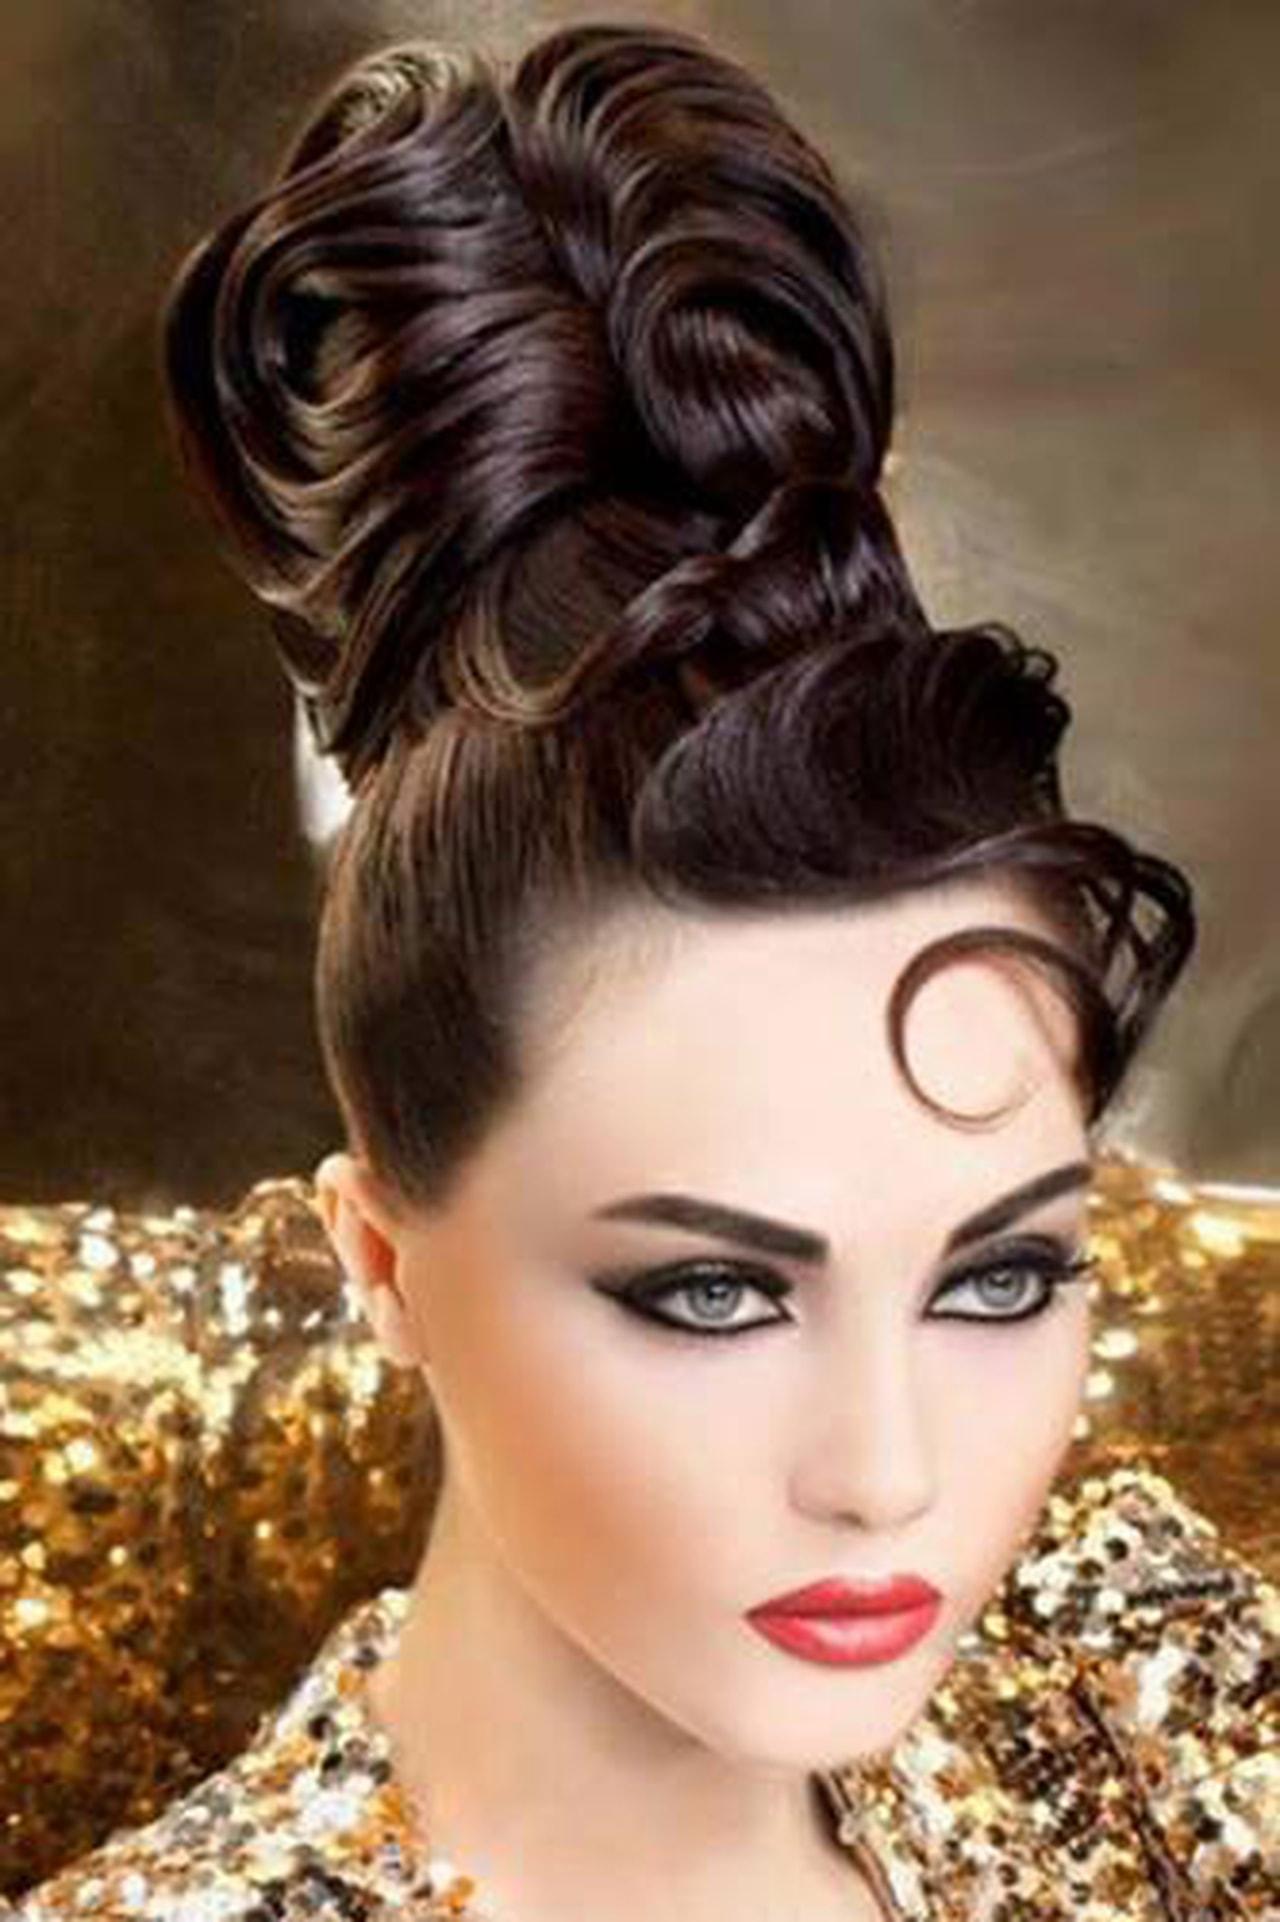 بالصور اجمل تسريحة شعر في العالم , صور اجمل التسريحات عالميه 3495 4